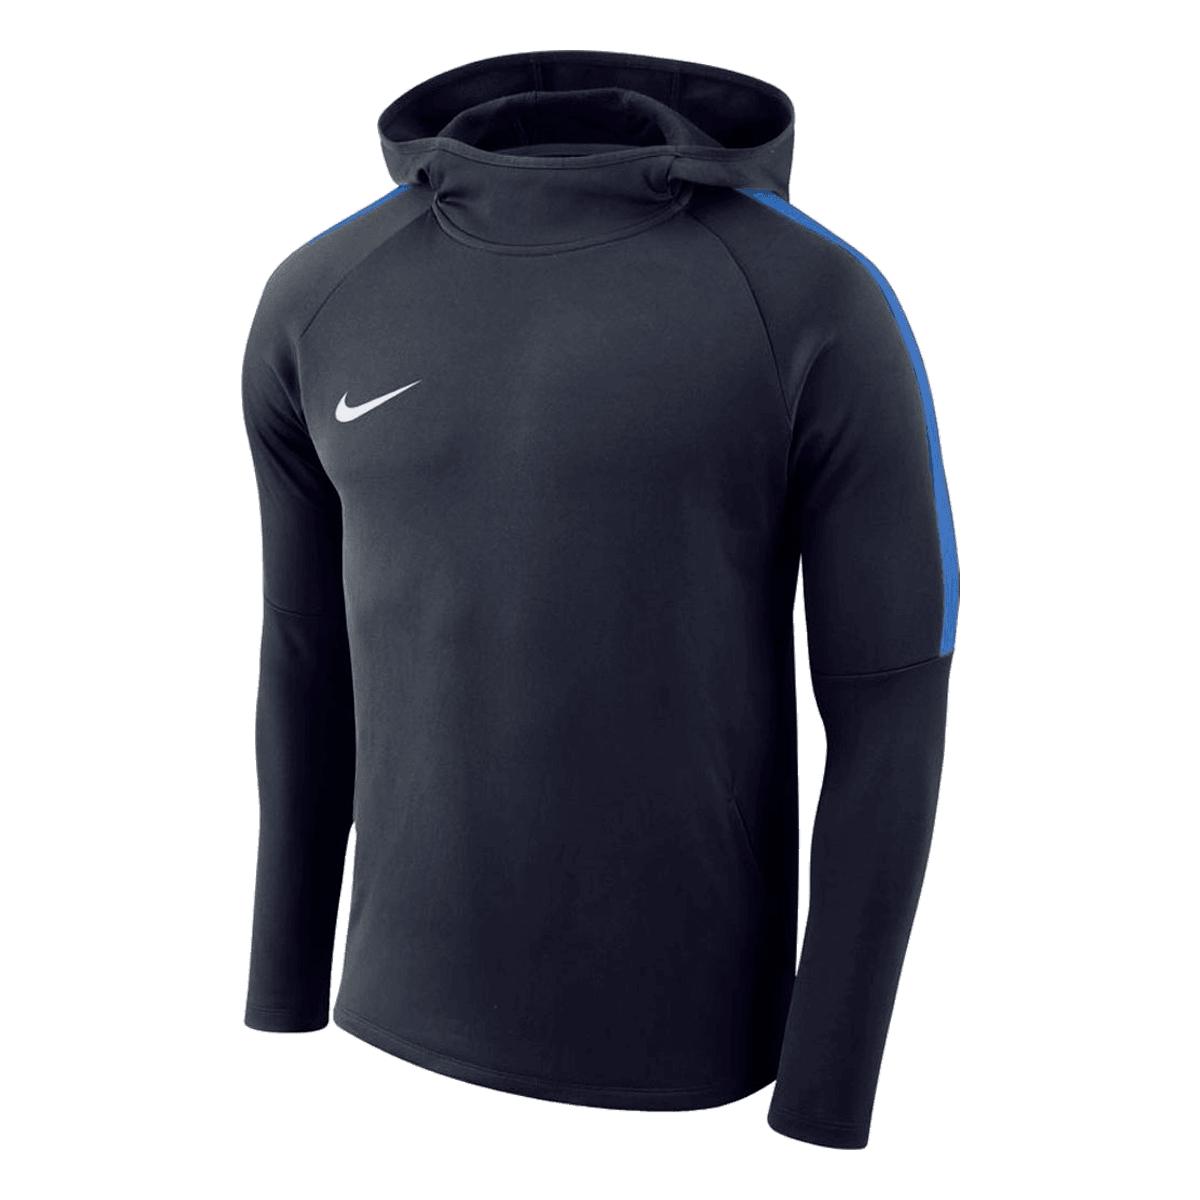 Sweat-shirt à capuche Nike Academy 18 - différents coloris (du S au XXL)